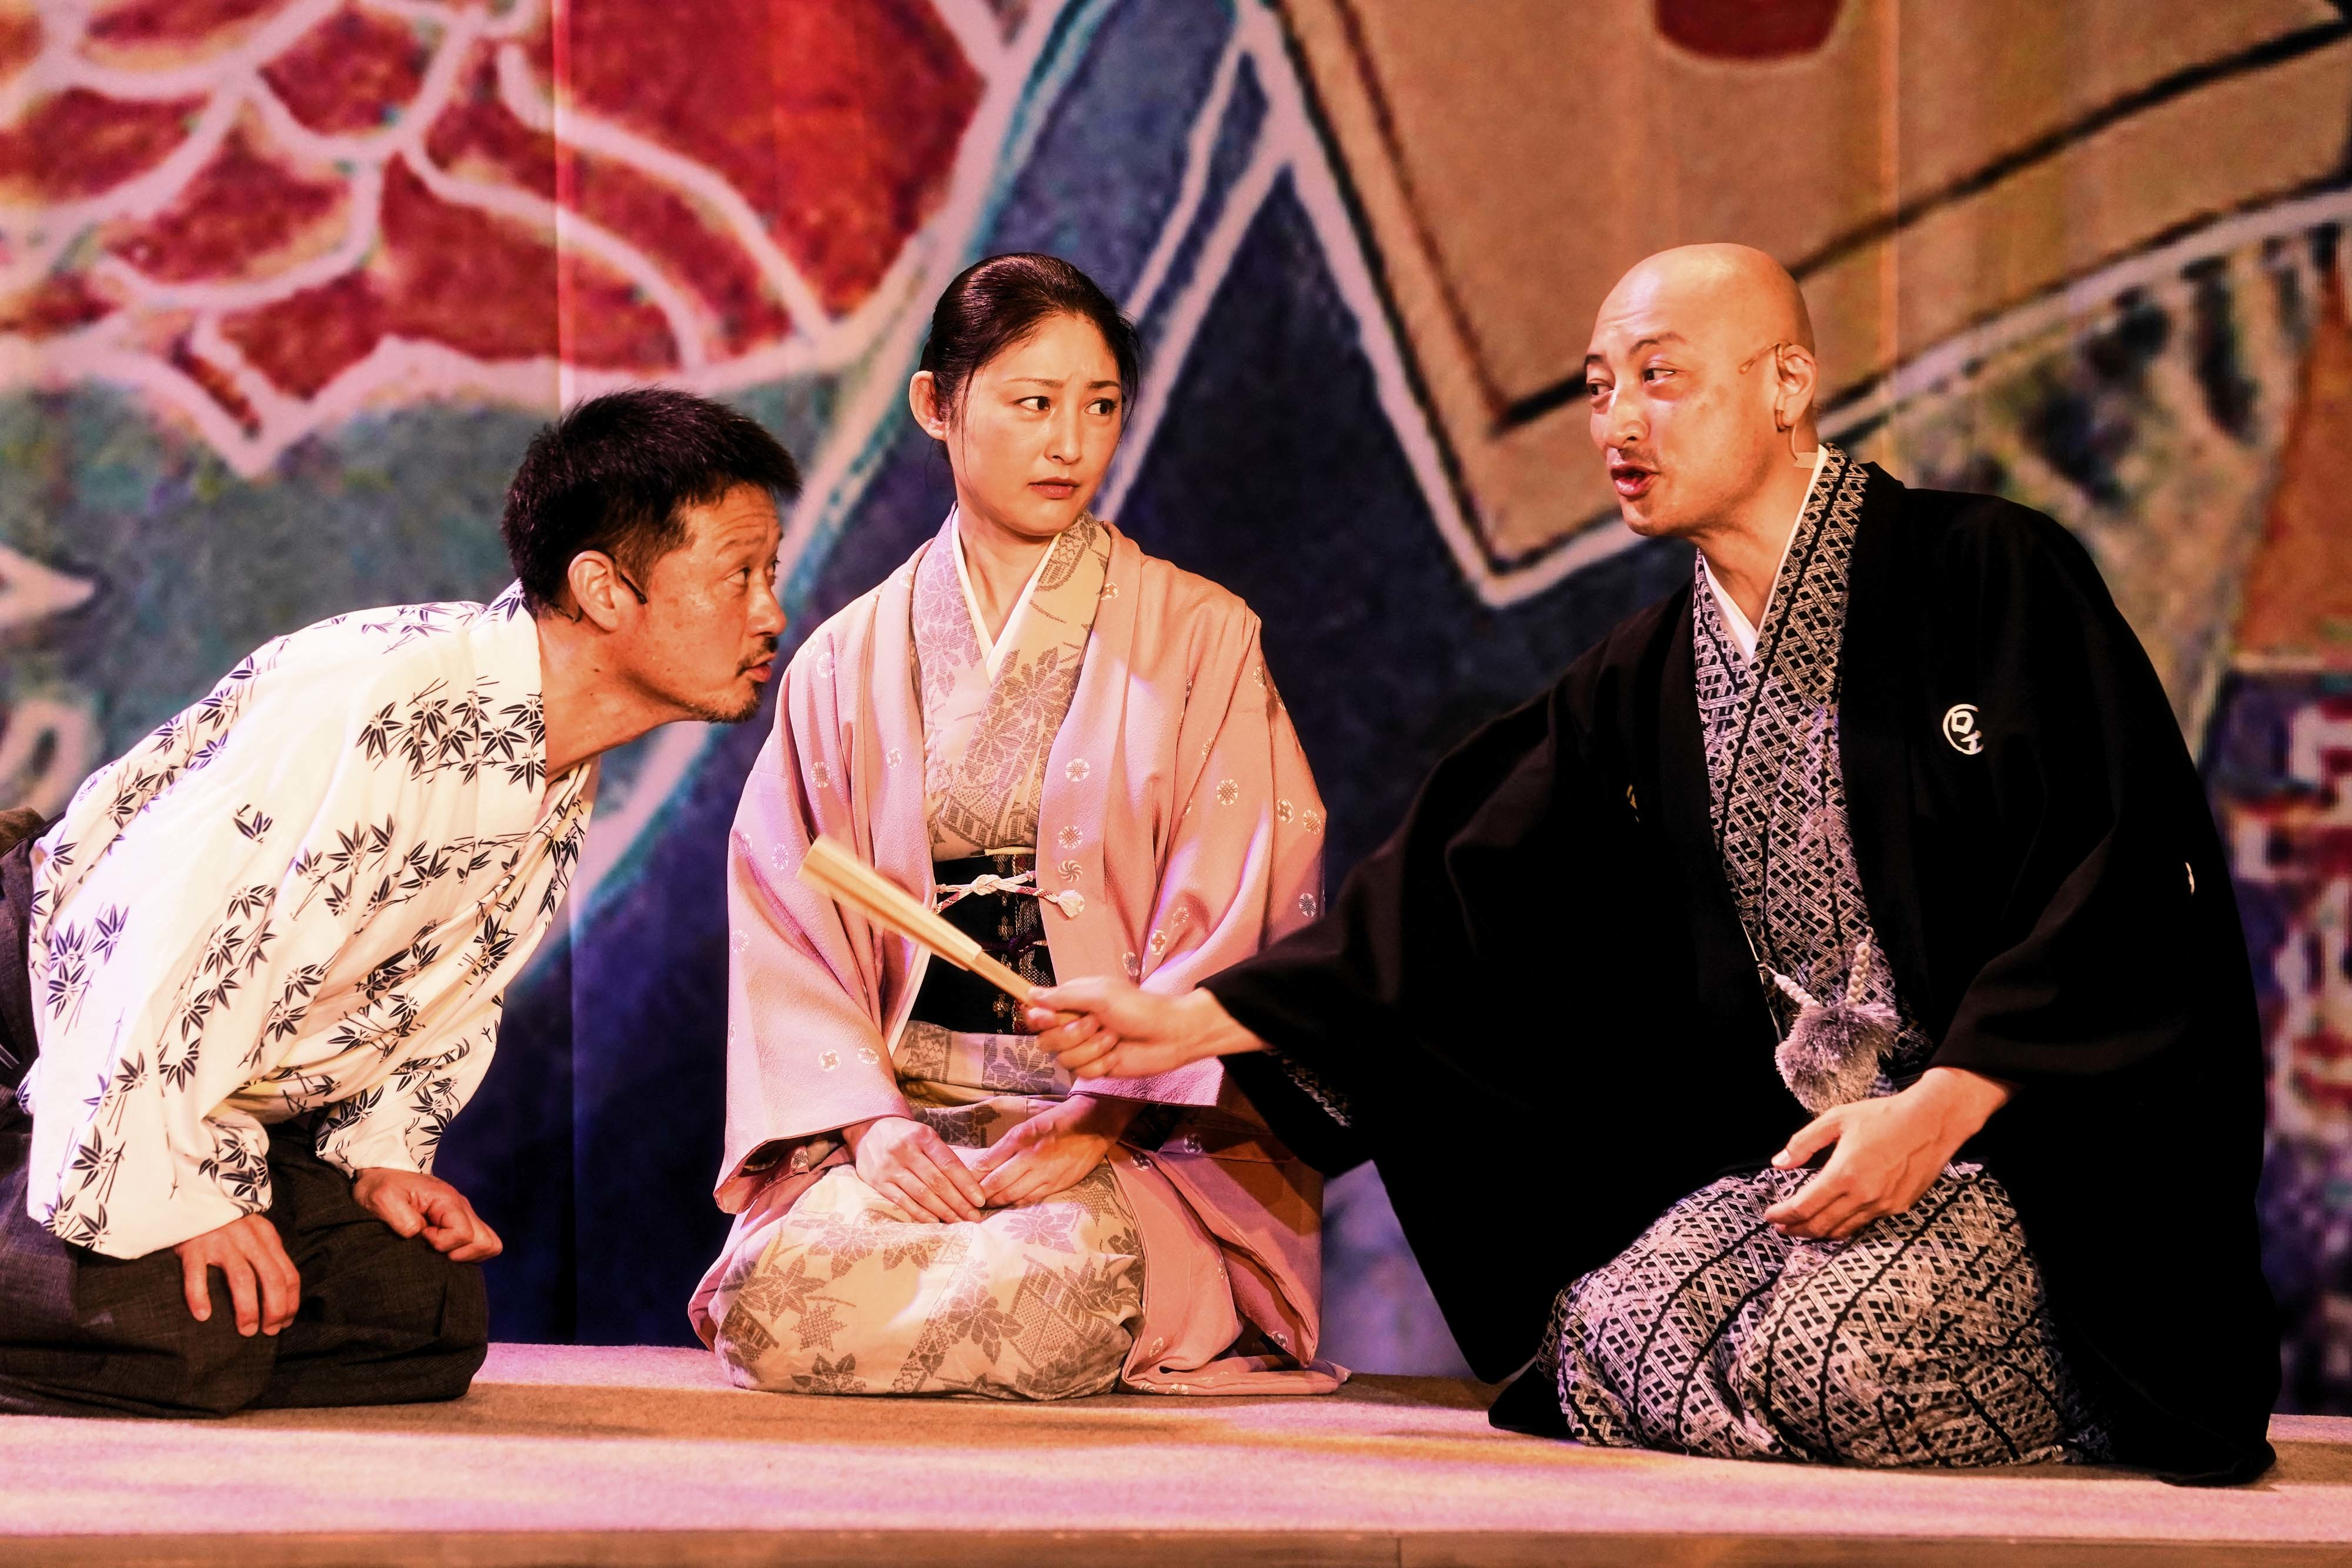 (左から)福田転球、常盤貴子、山内圭哉 撮影:細野晋司